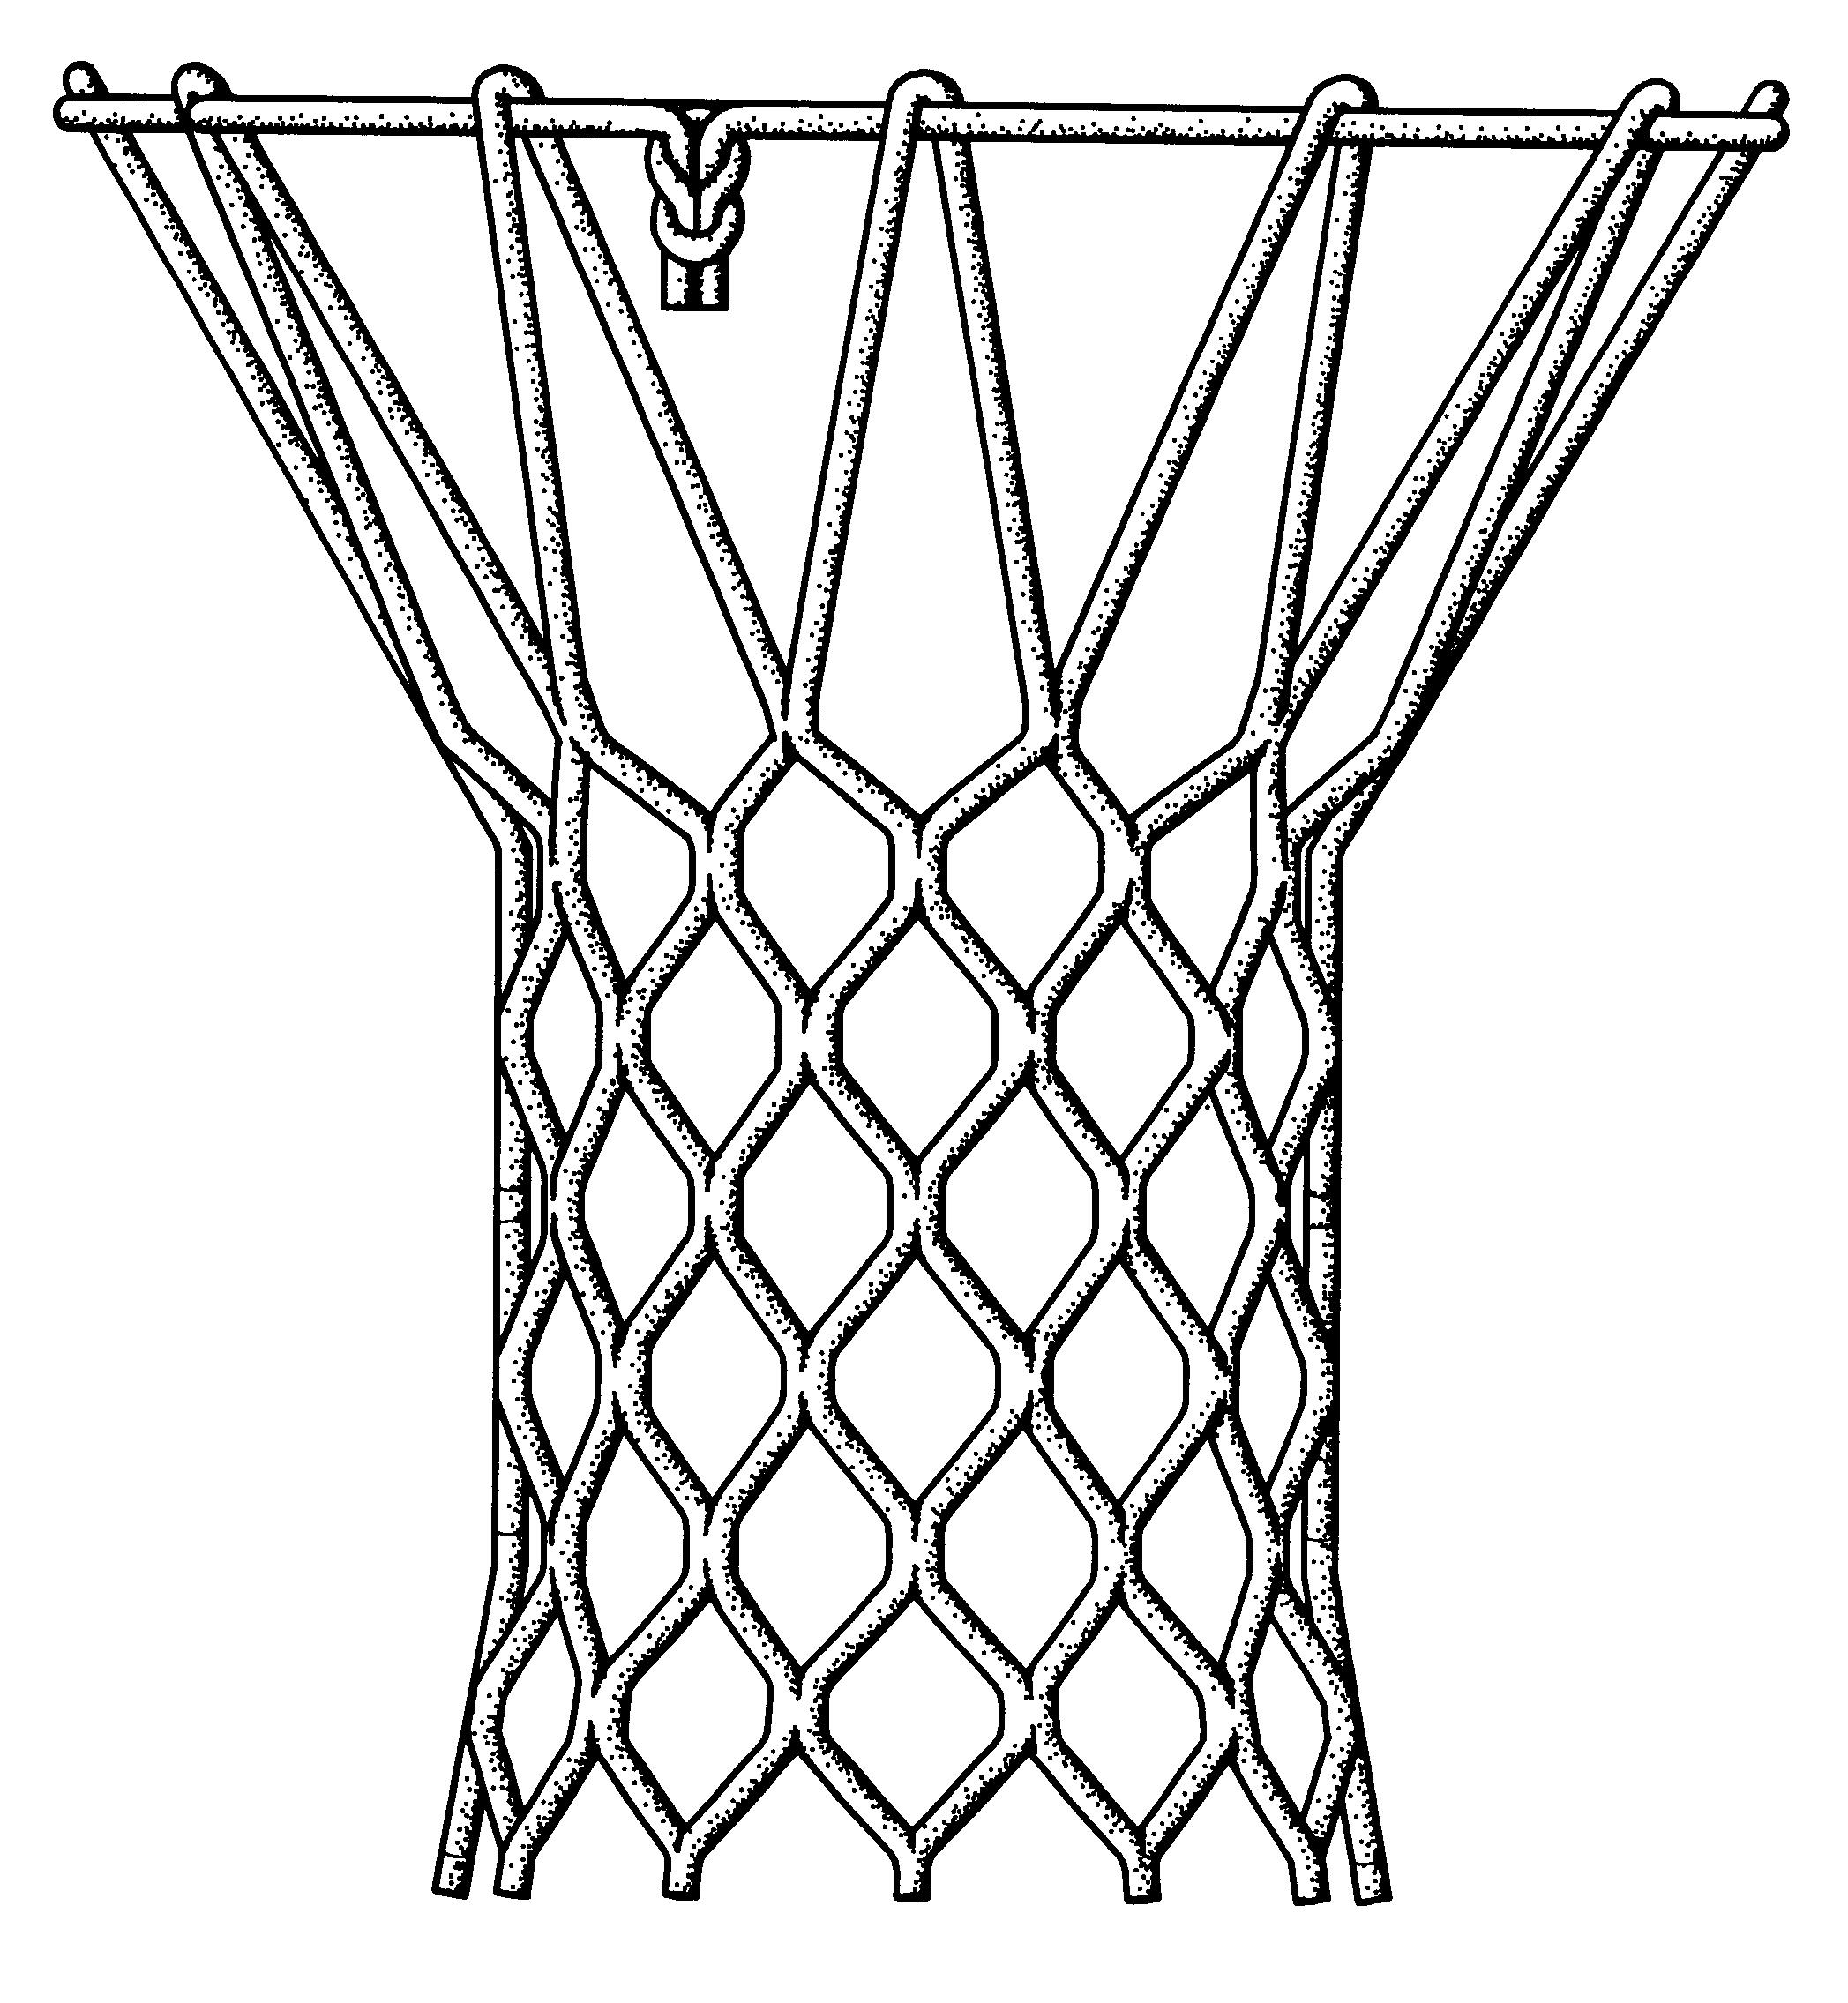 Of Nets.